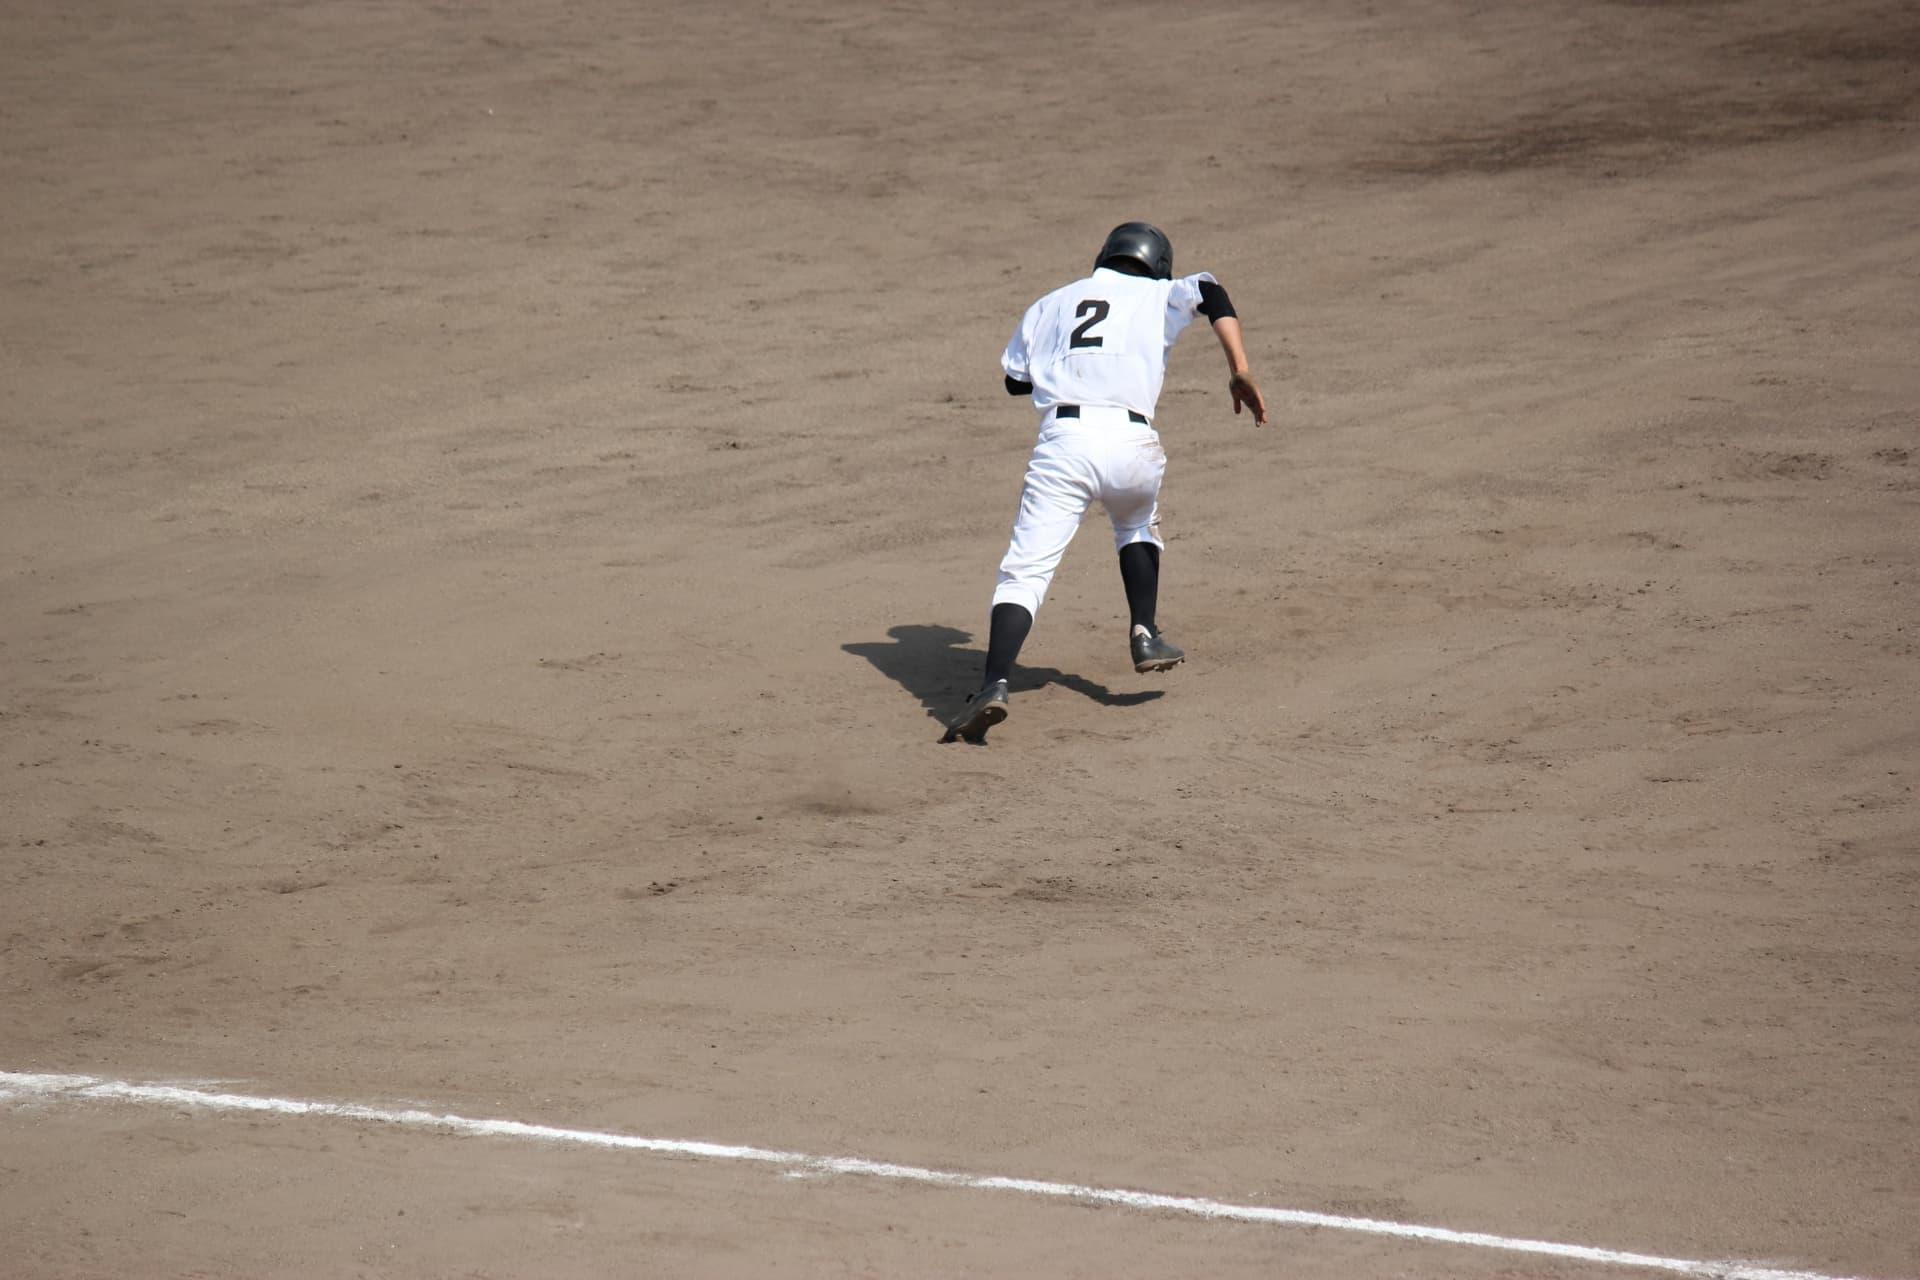 盗塁(野球)